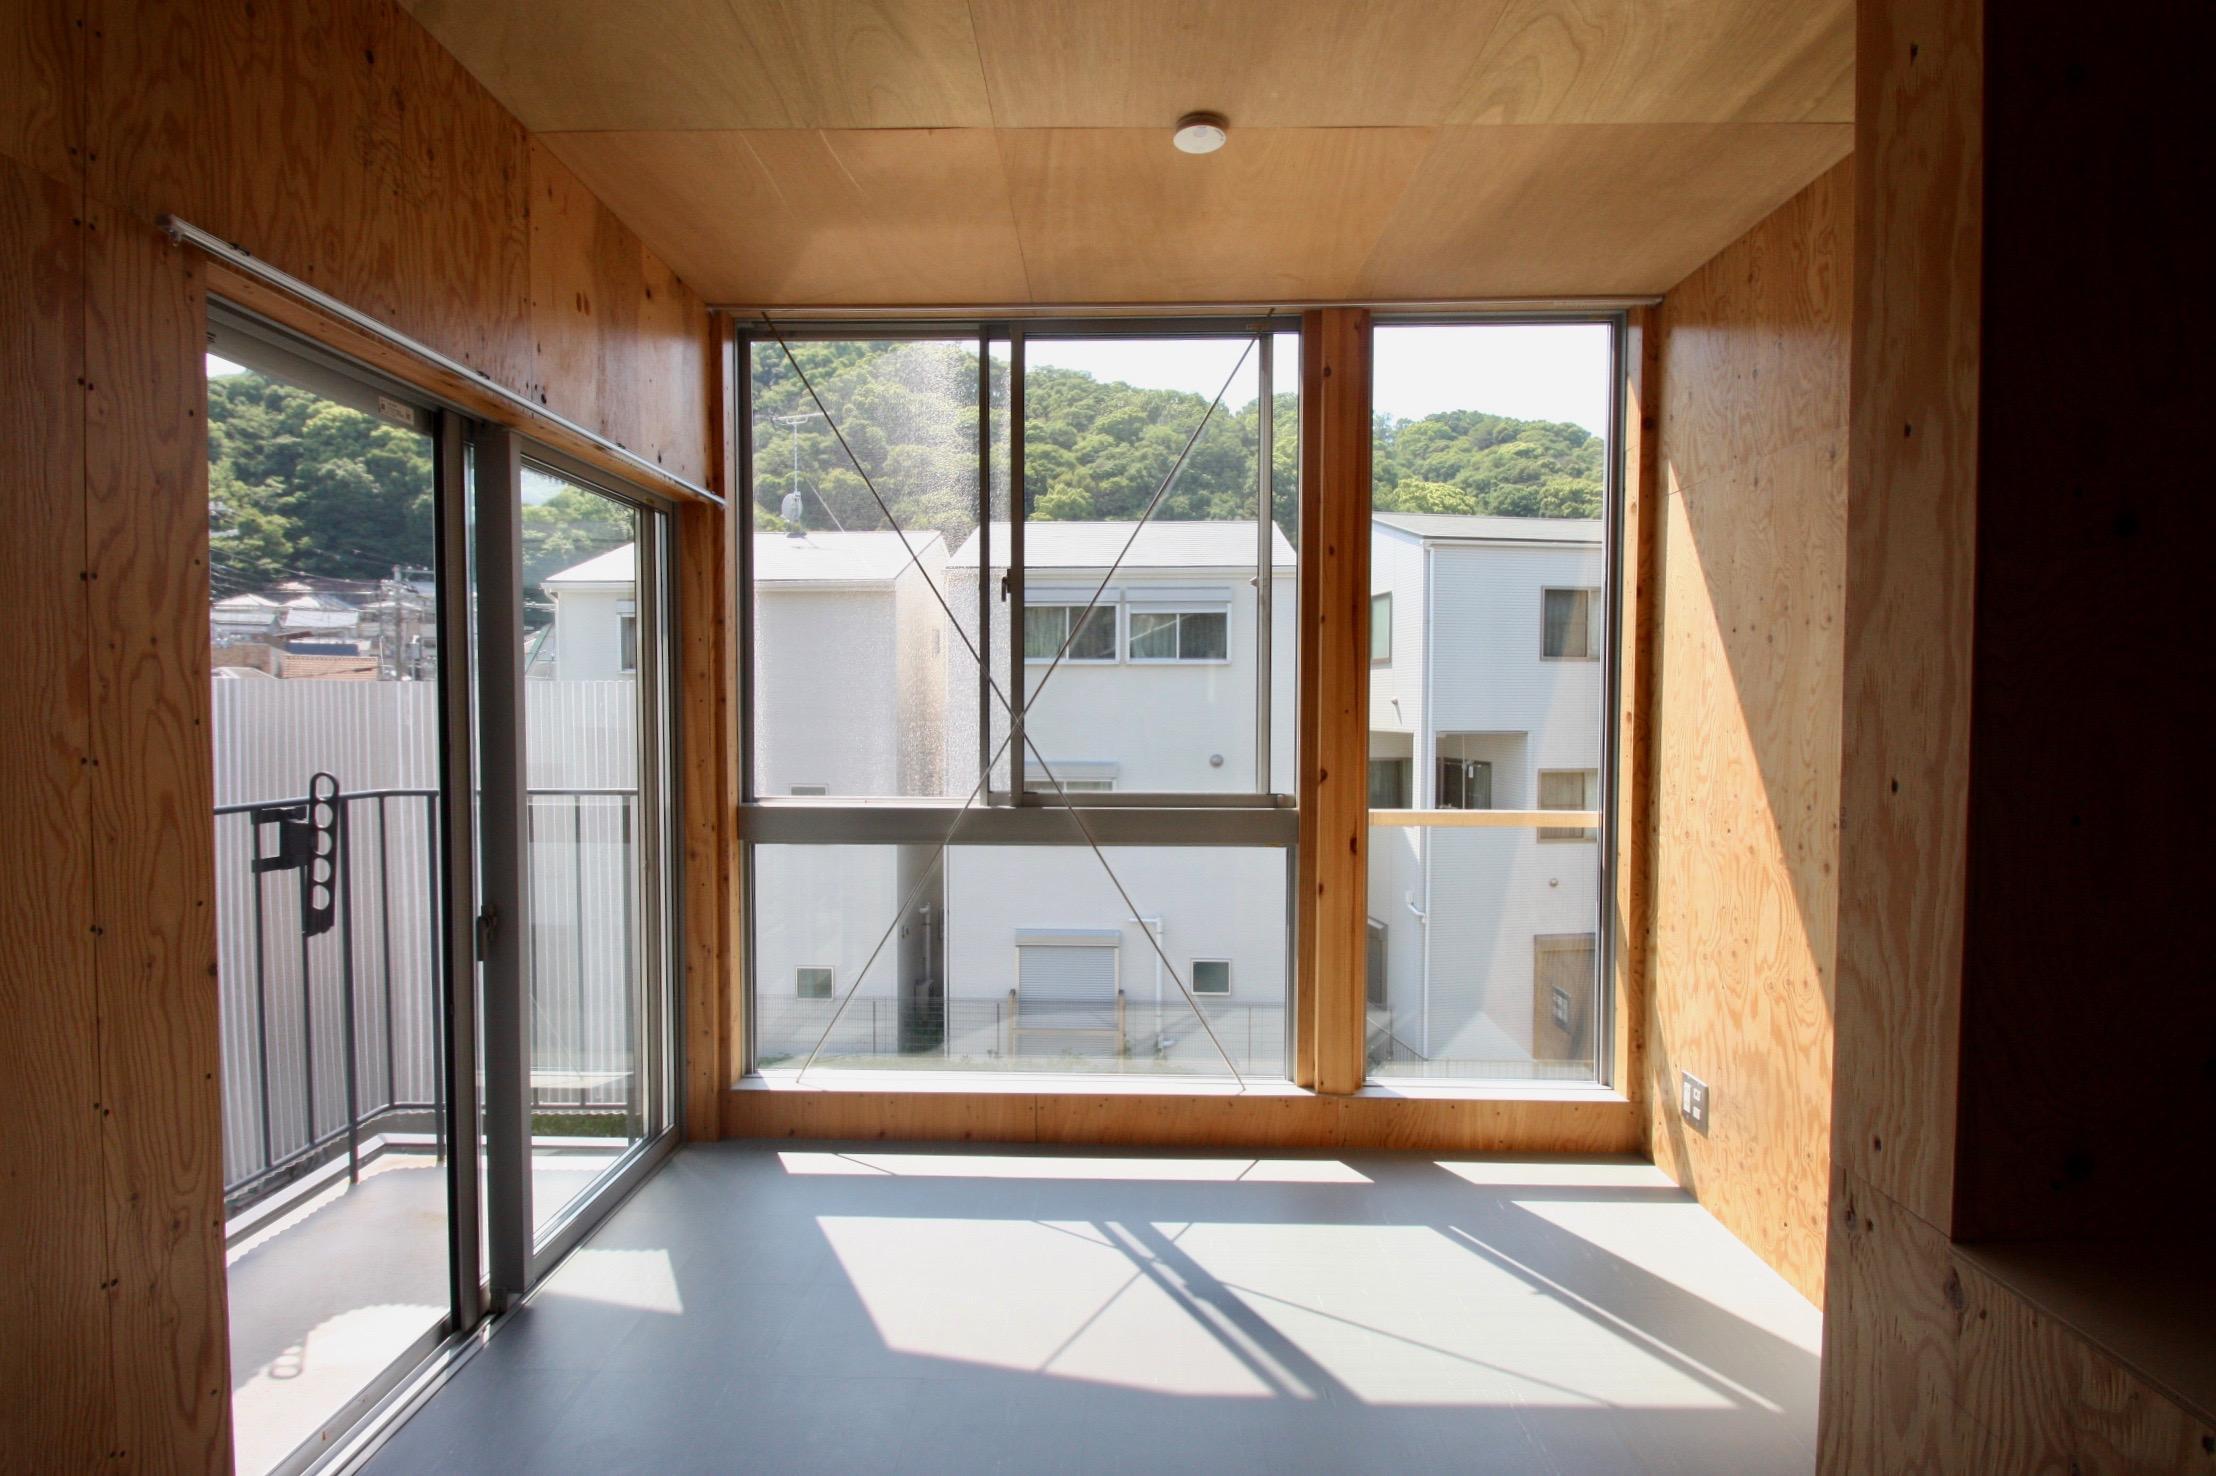 ミニマル・リバーサイド -屋外シェアスペース付き- (神戸市須磨区神撫町の物件) - 神戸R不動産